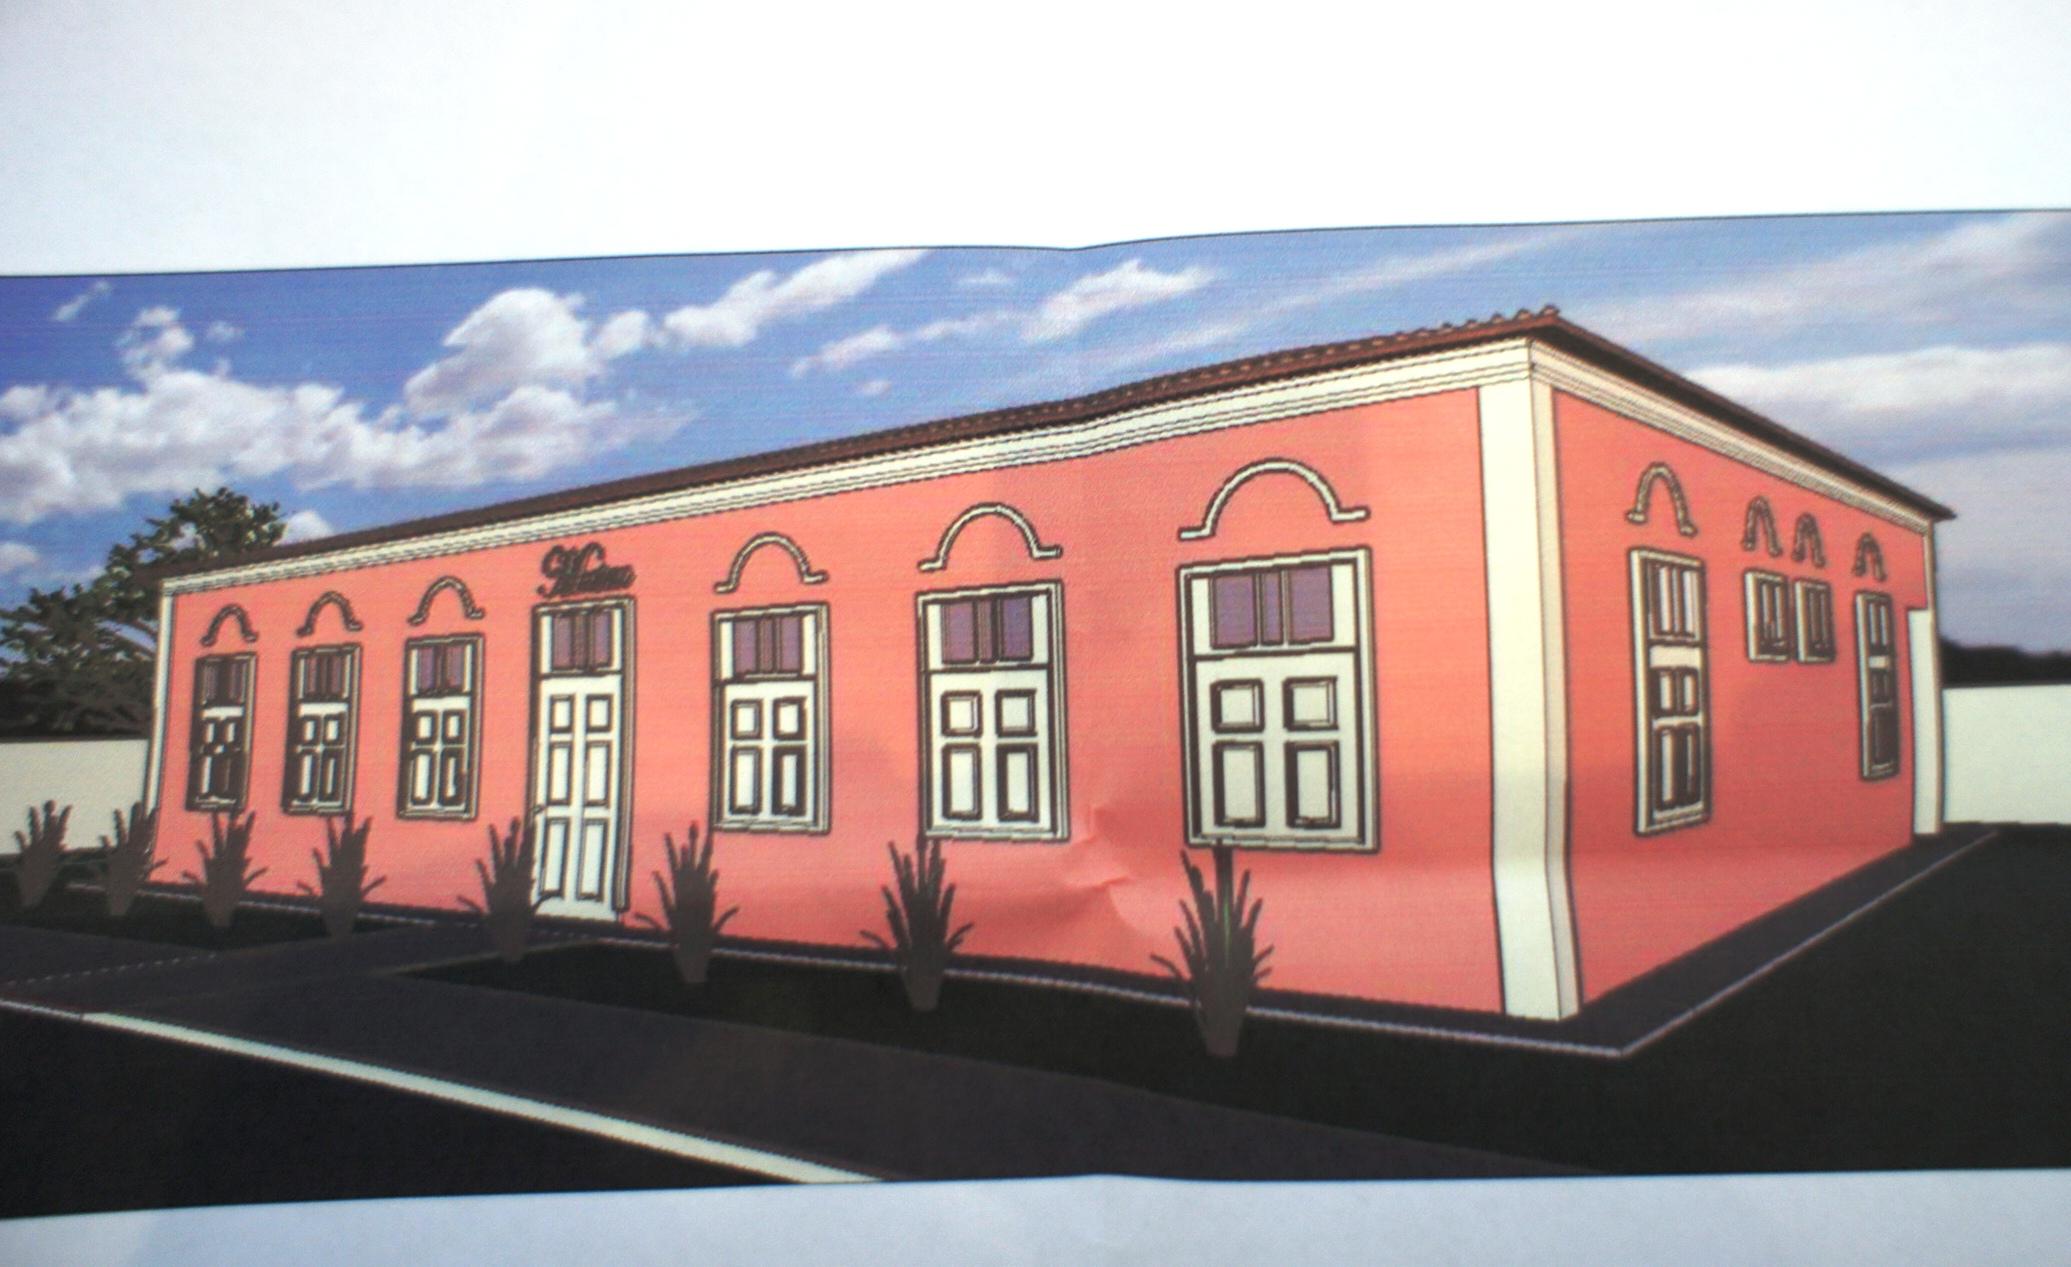 Museu em Diamantino seguirá tendência do Museu do Amanhã no RJ